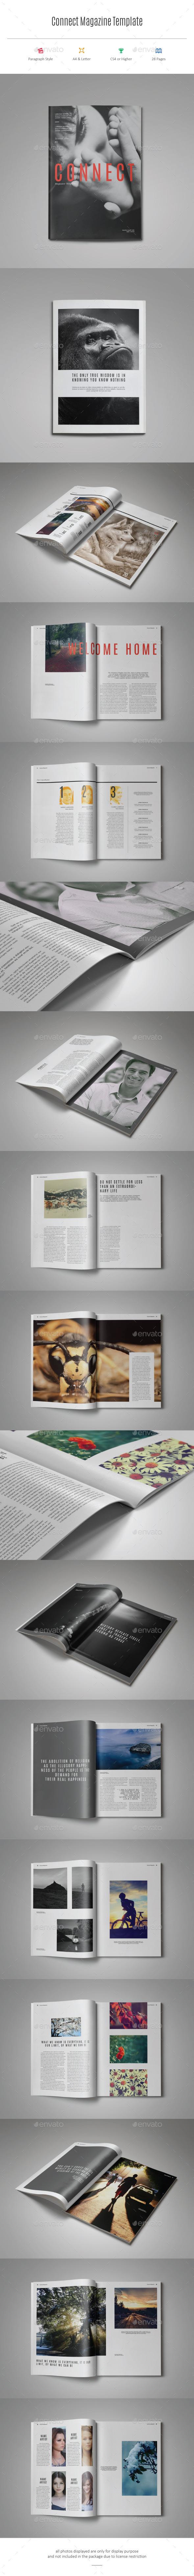 GraphicRiver Connect Magazine Template 11466844